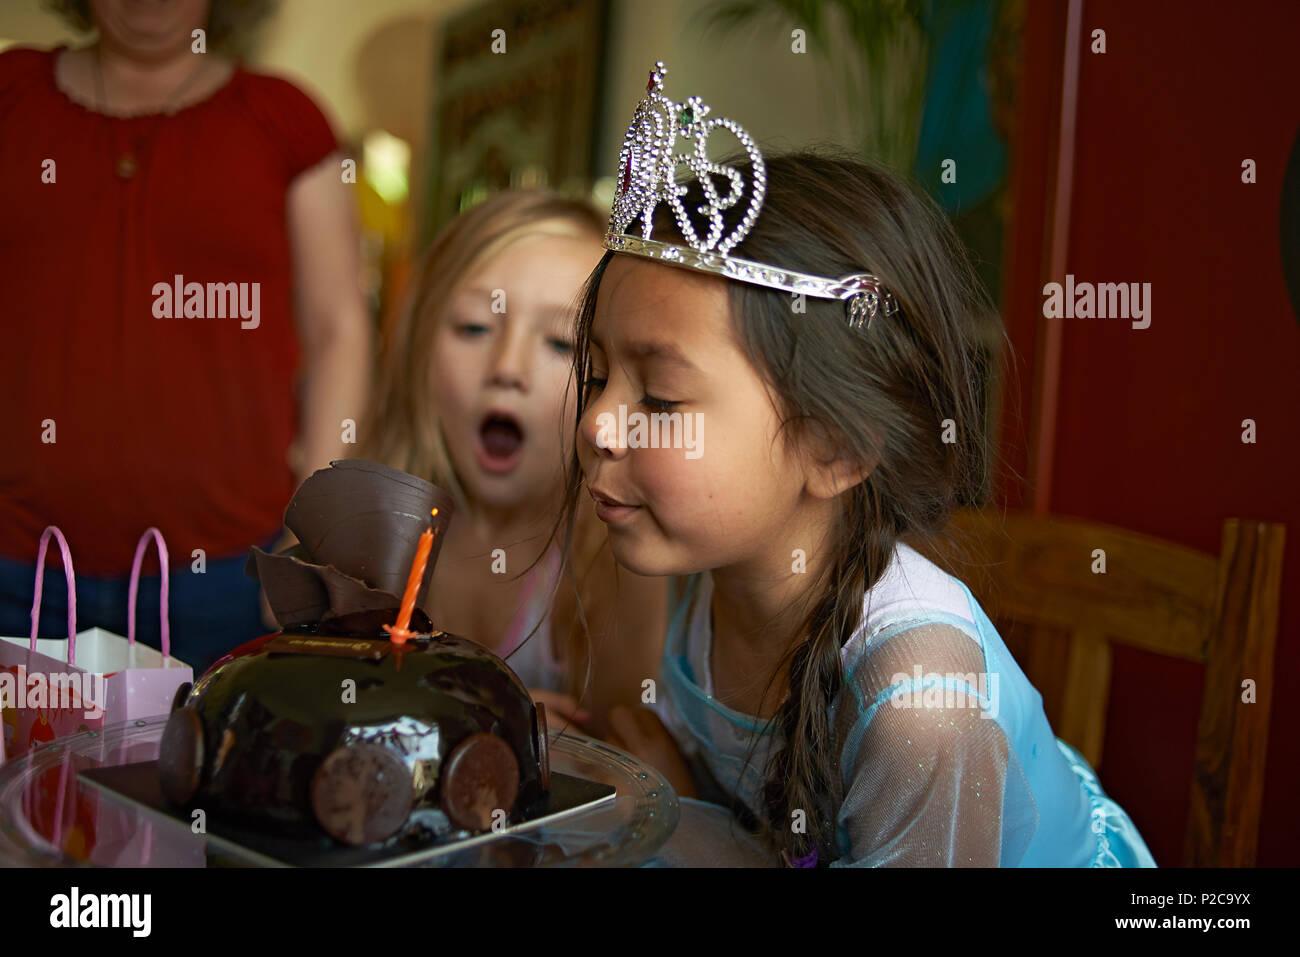 Cute little Asia preadolescentes vestida de un vestido de princesa y una tiara soplar las velas de su tarta de cumpleaños con su mejor amiga sentada junto a ella Foto de stock